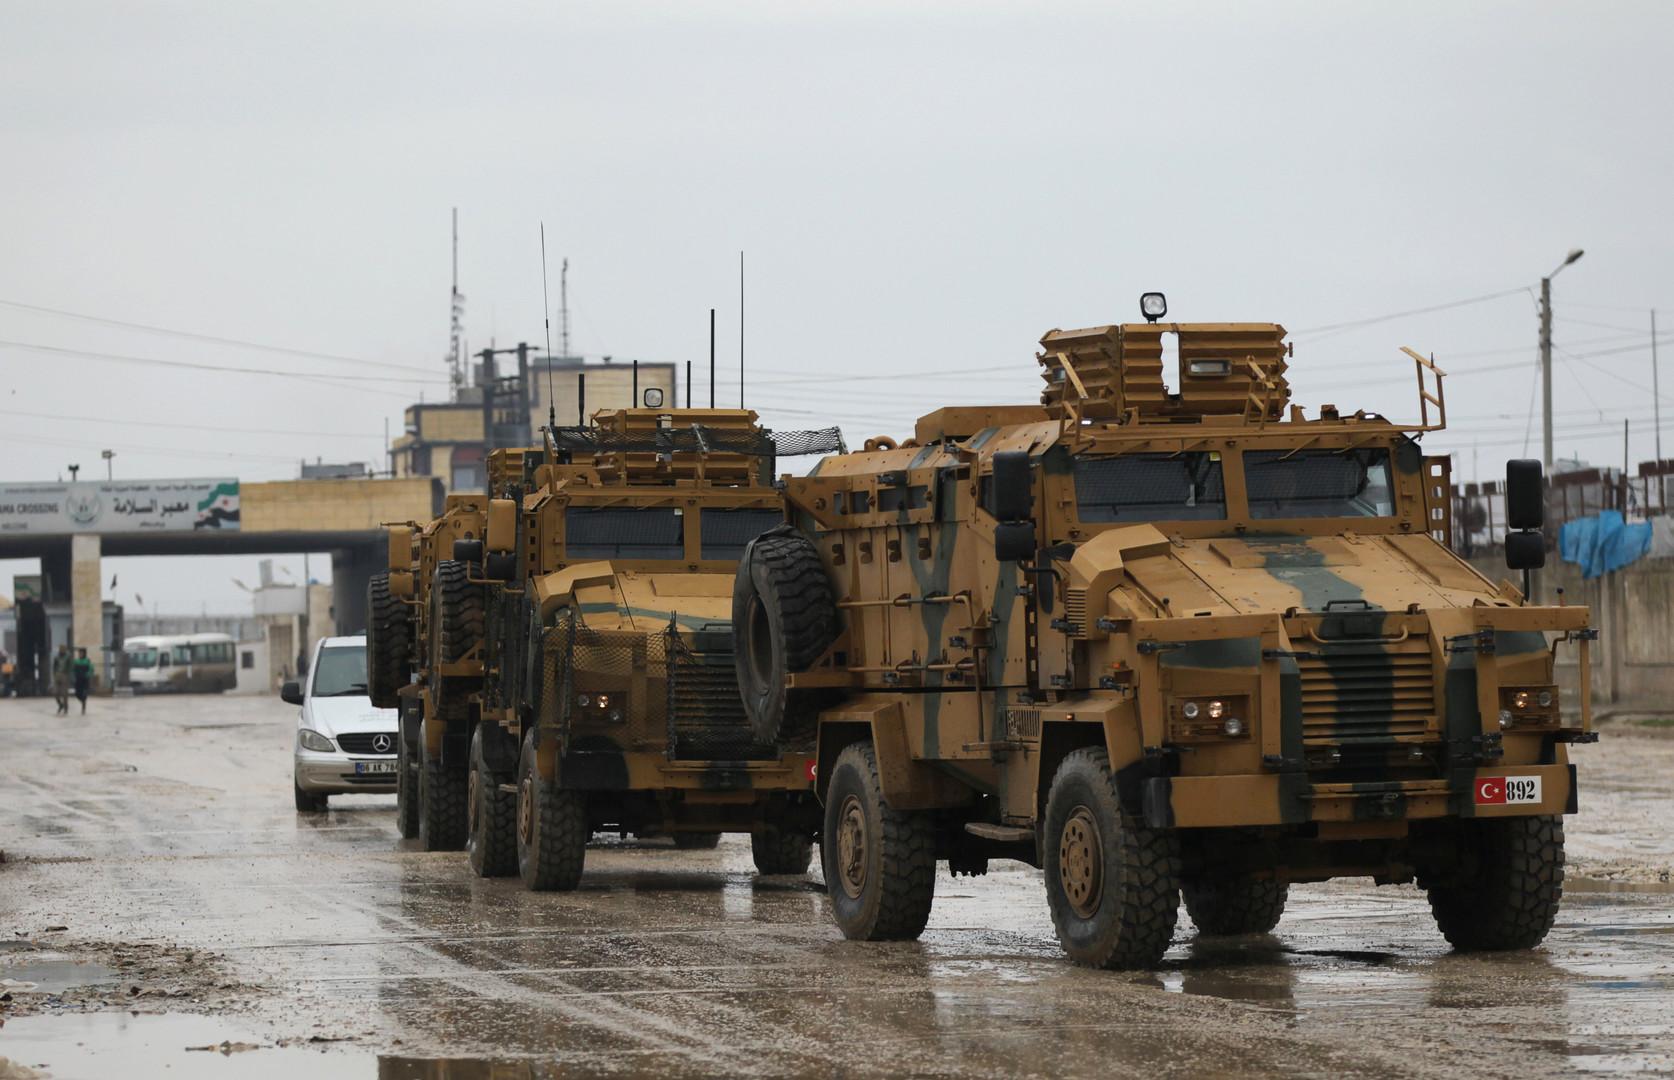 أنقرة تعلن مقتل 3 مدنيين وجرح 12 آخرين بقصف جوي تعرض له رتل عسكري تركي في سوريا